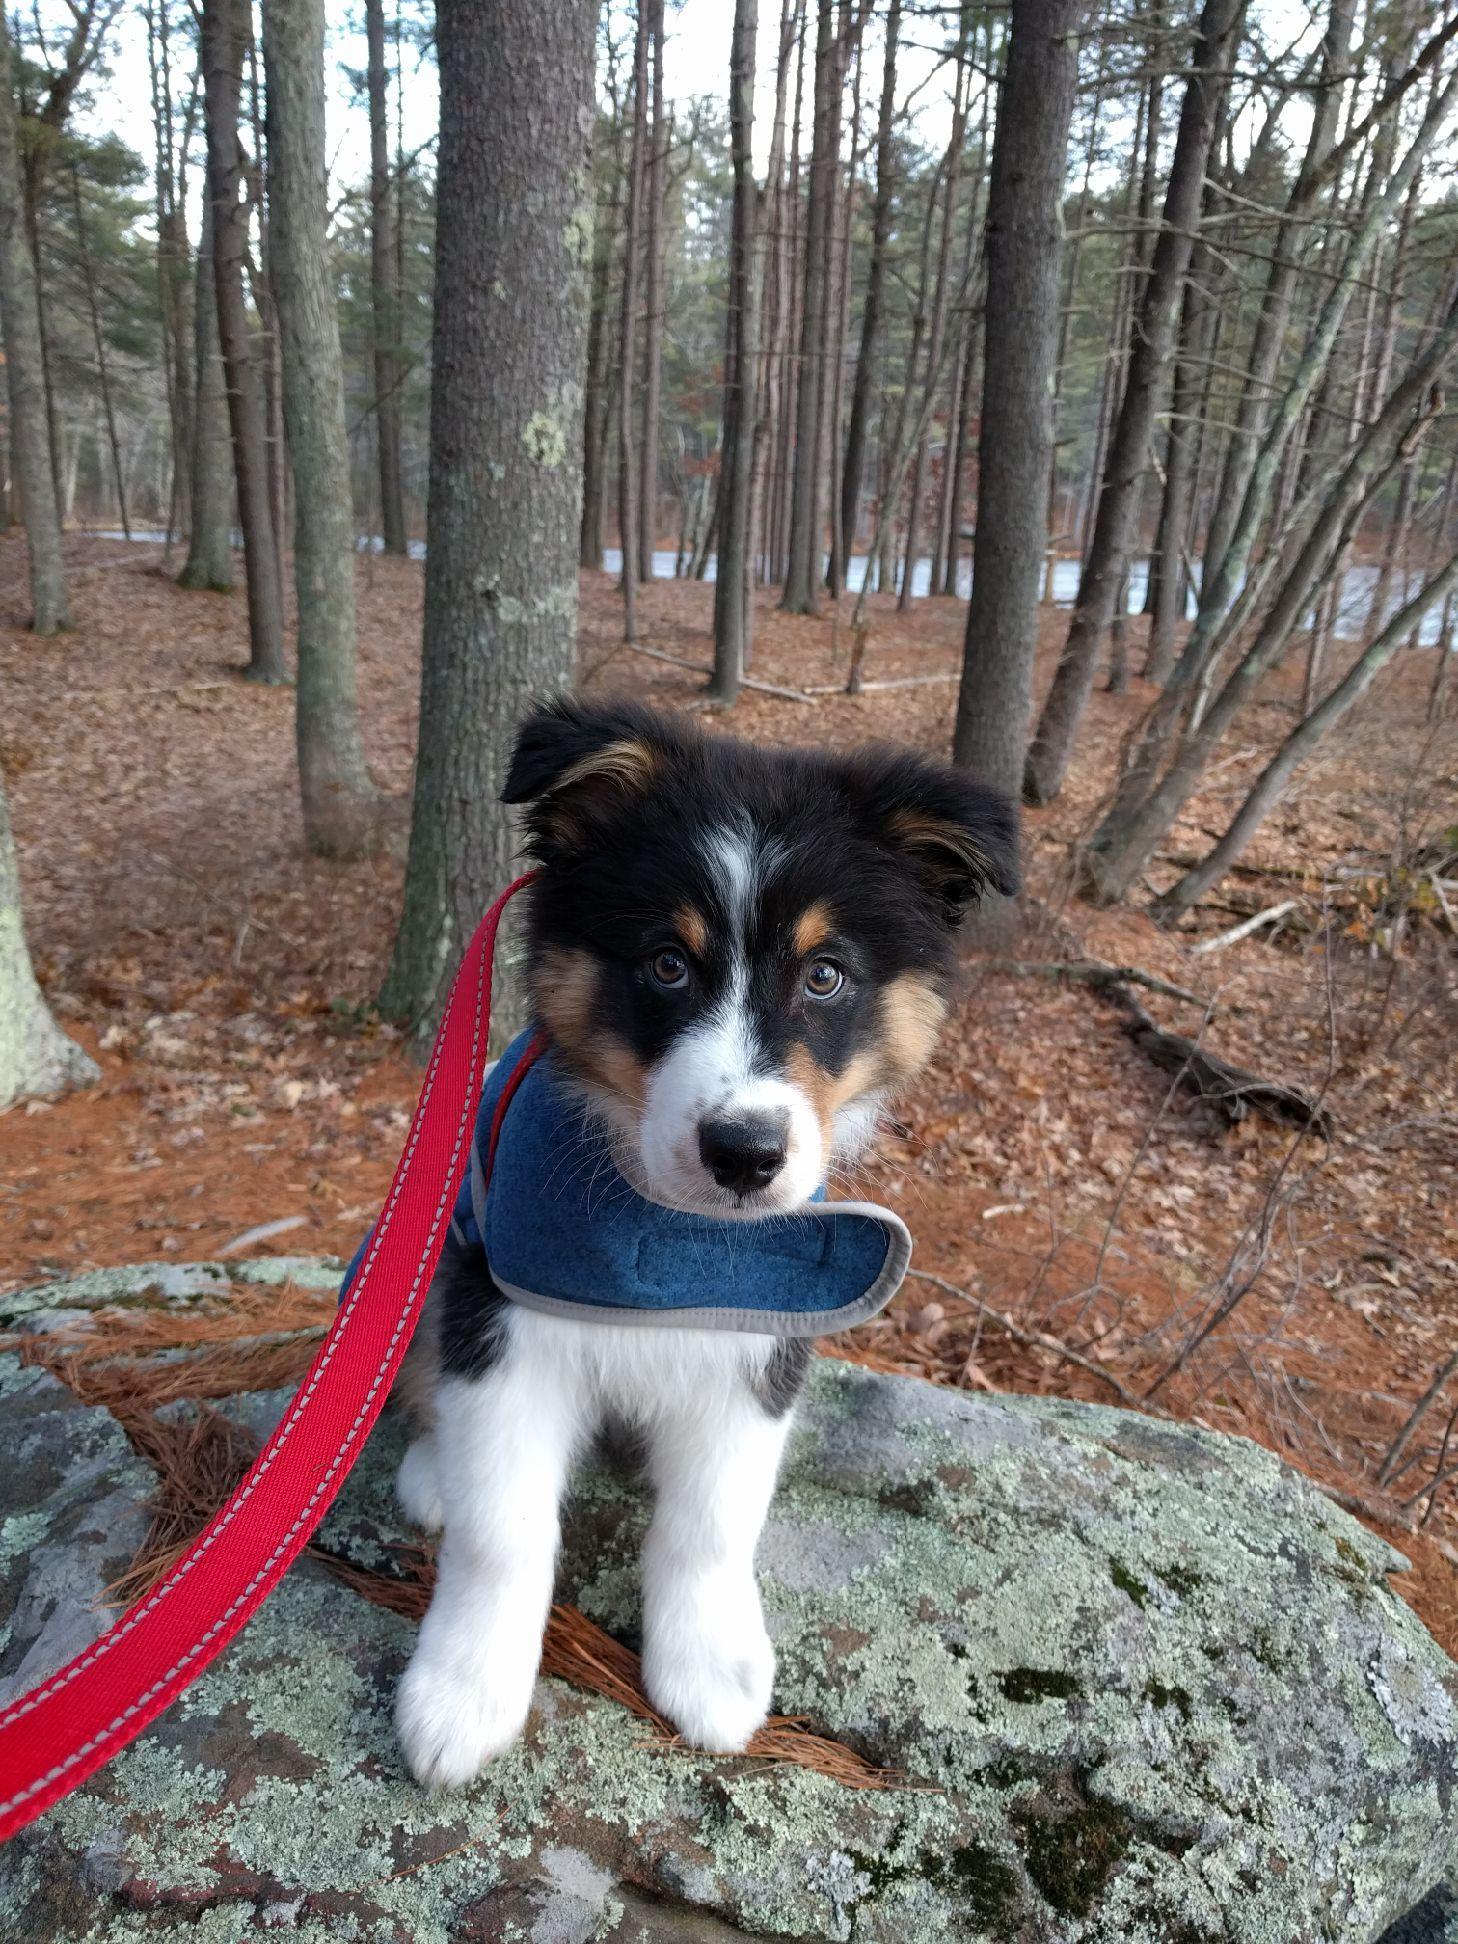 A little jacket for the little pup   http://ift.tt/2iMG3NN via /r/dogpictures http://ift.tt/2iMuFlc  #lovabledogsaroundtheworld